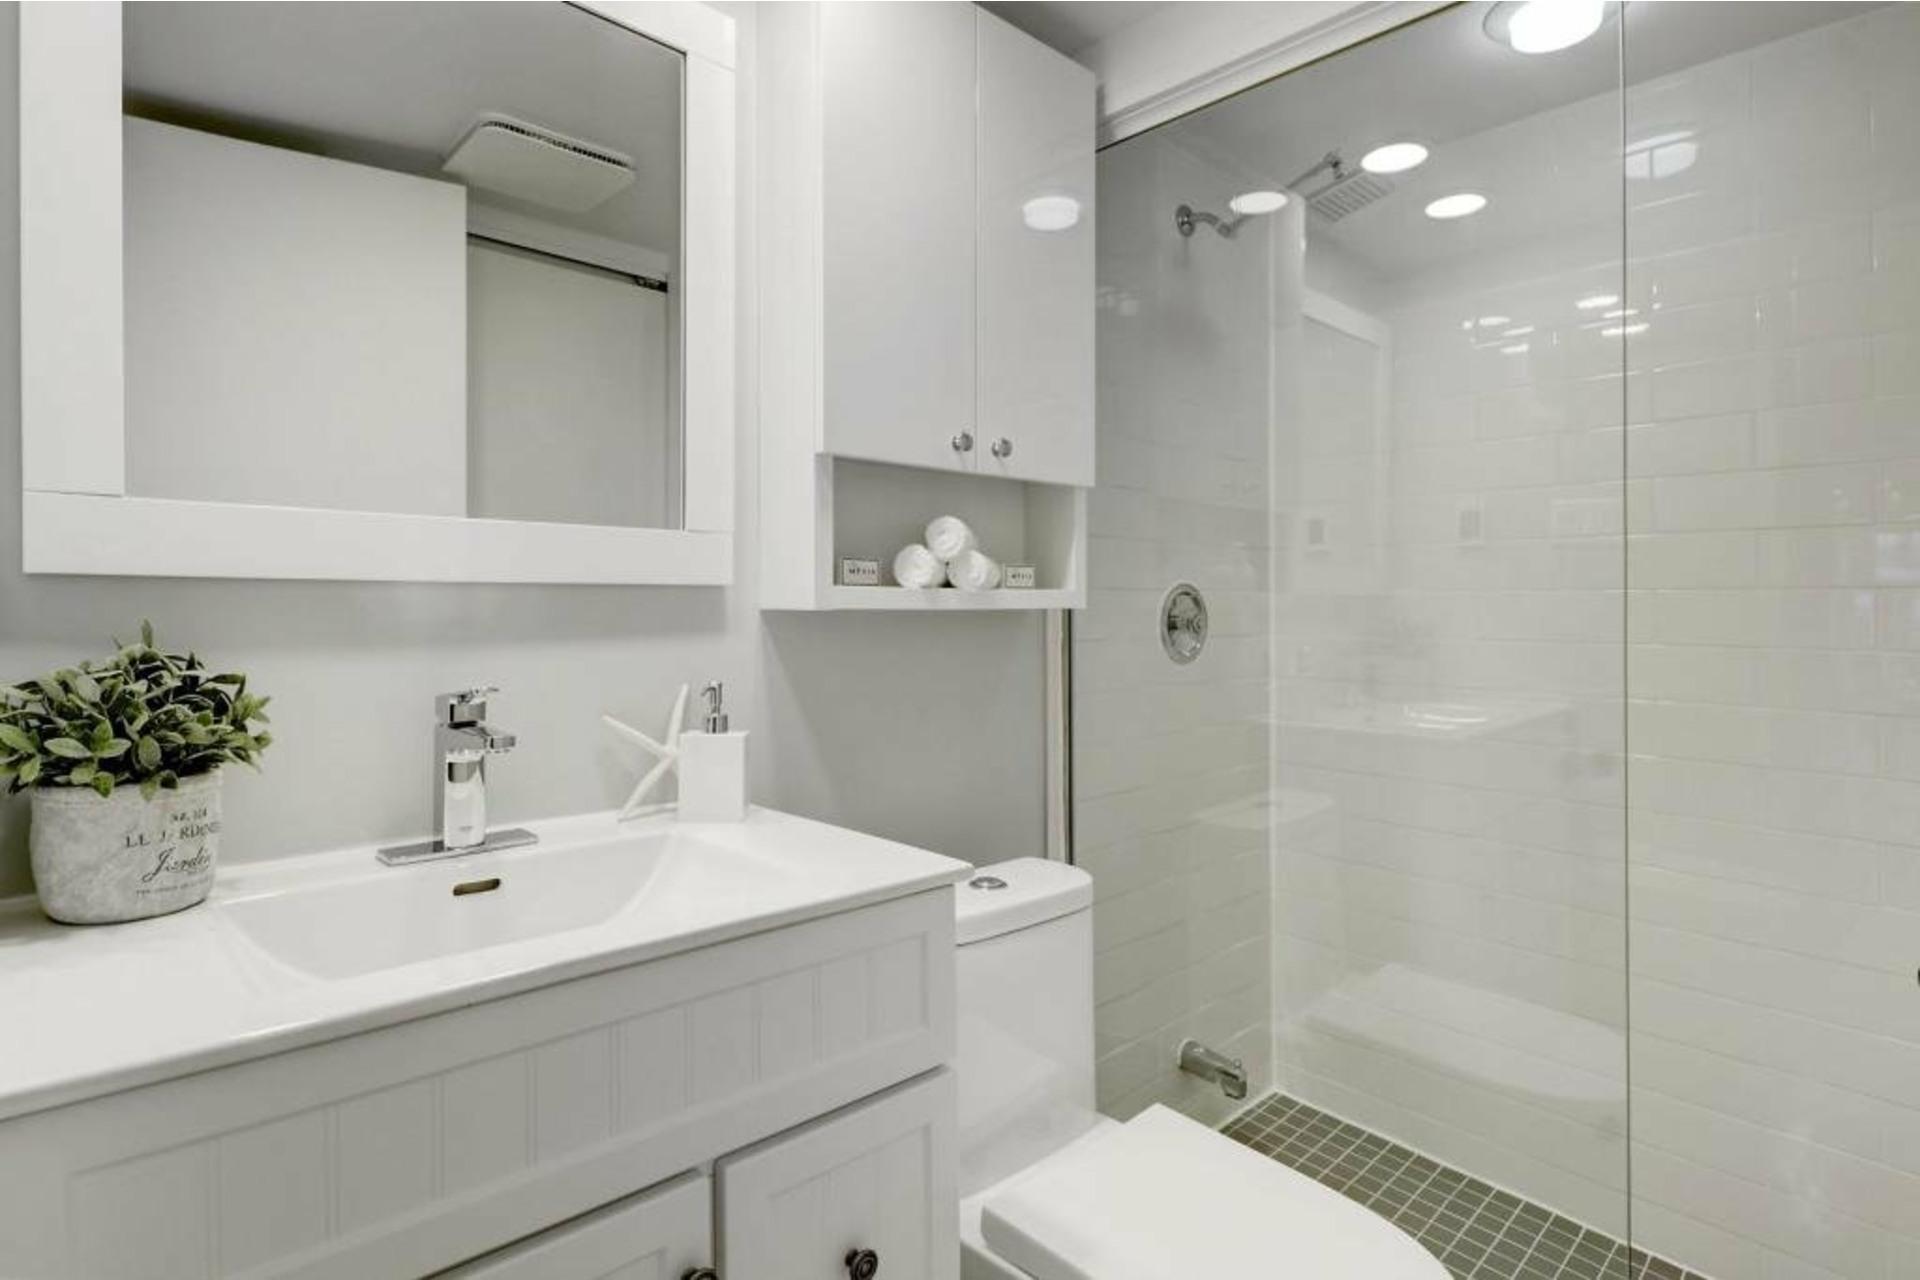 image 15 - Appartement À louer Ville-Marie Montréal  - 4 pièces